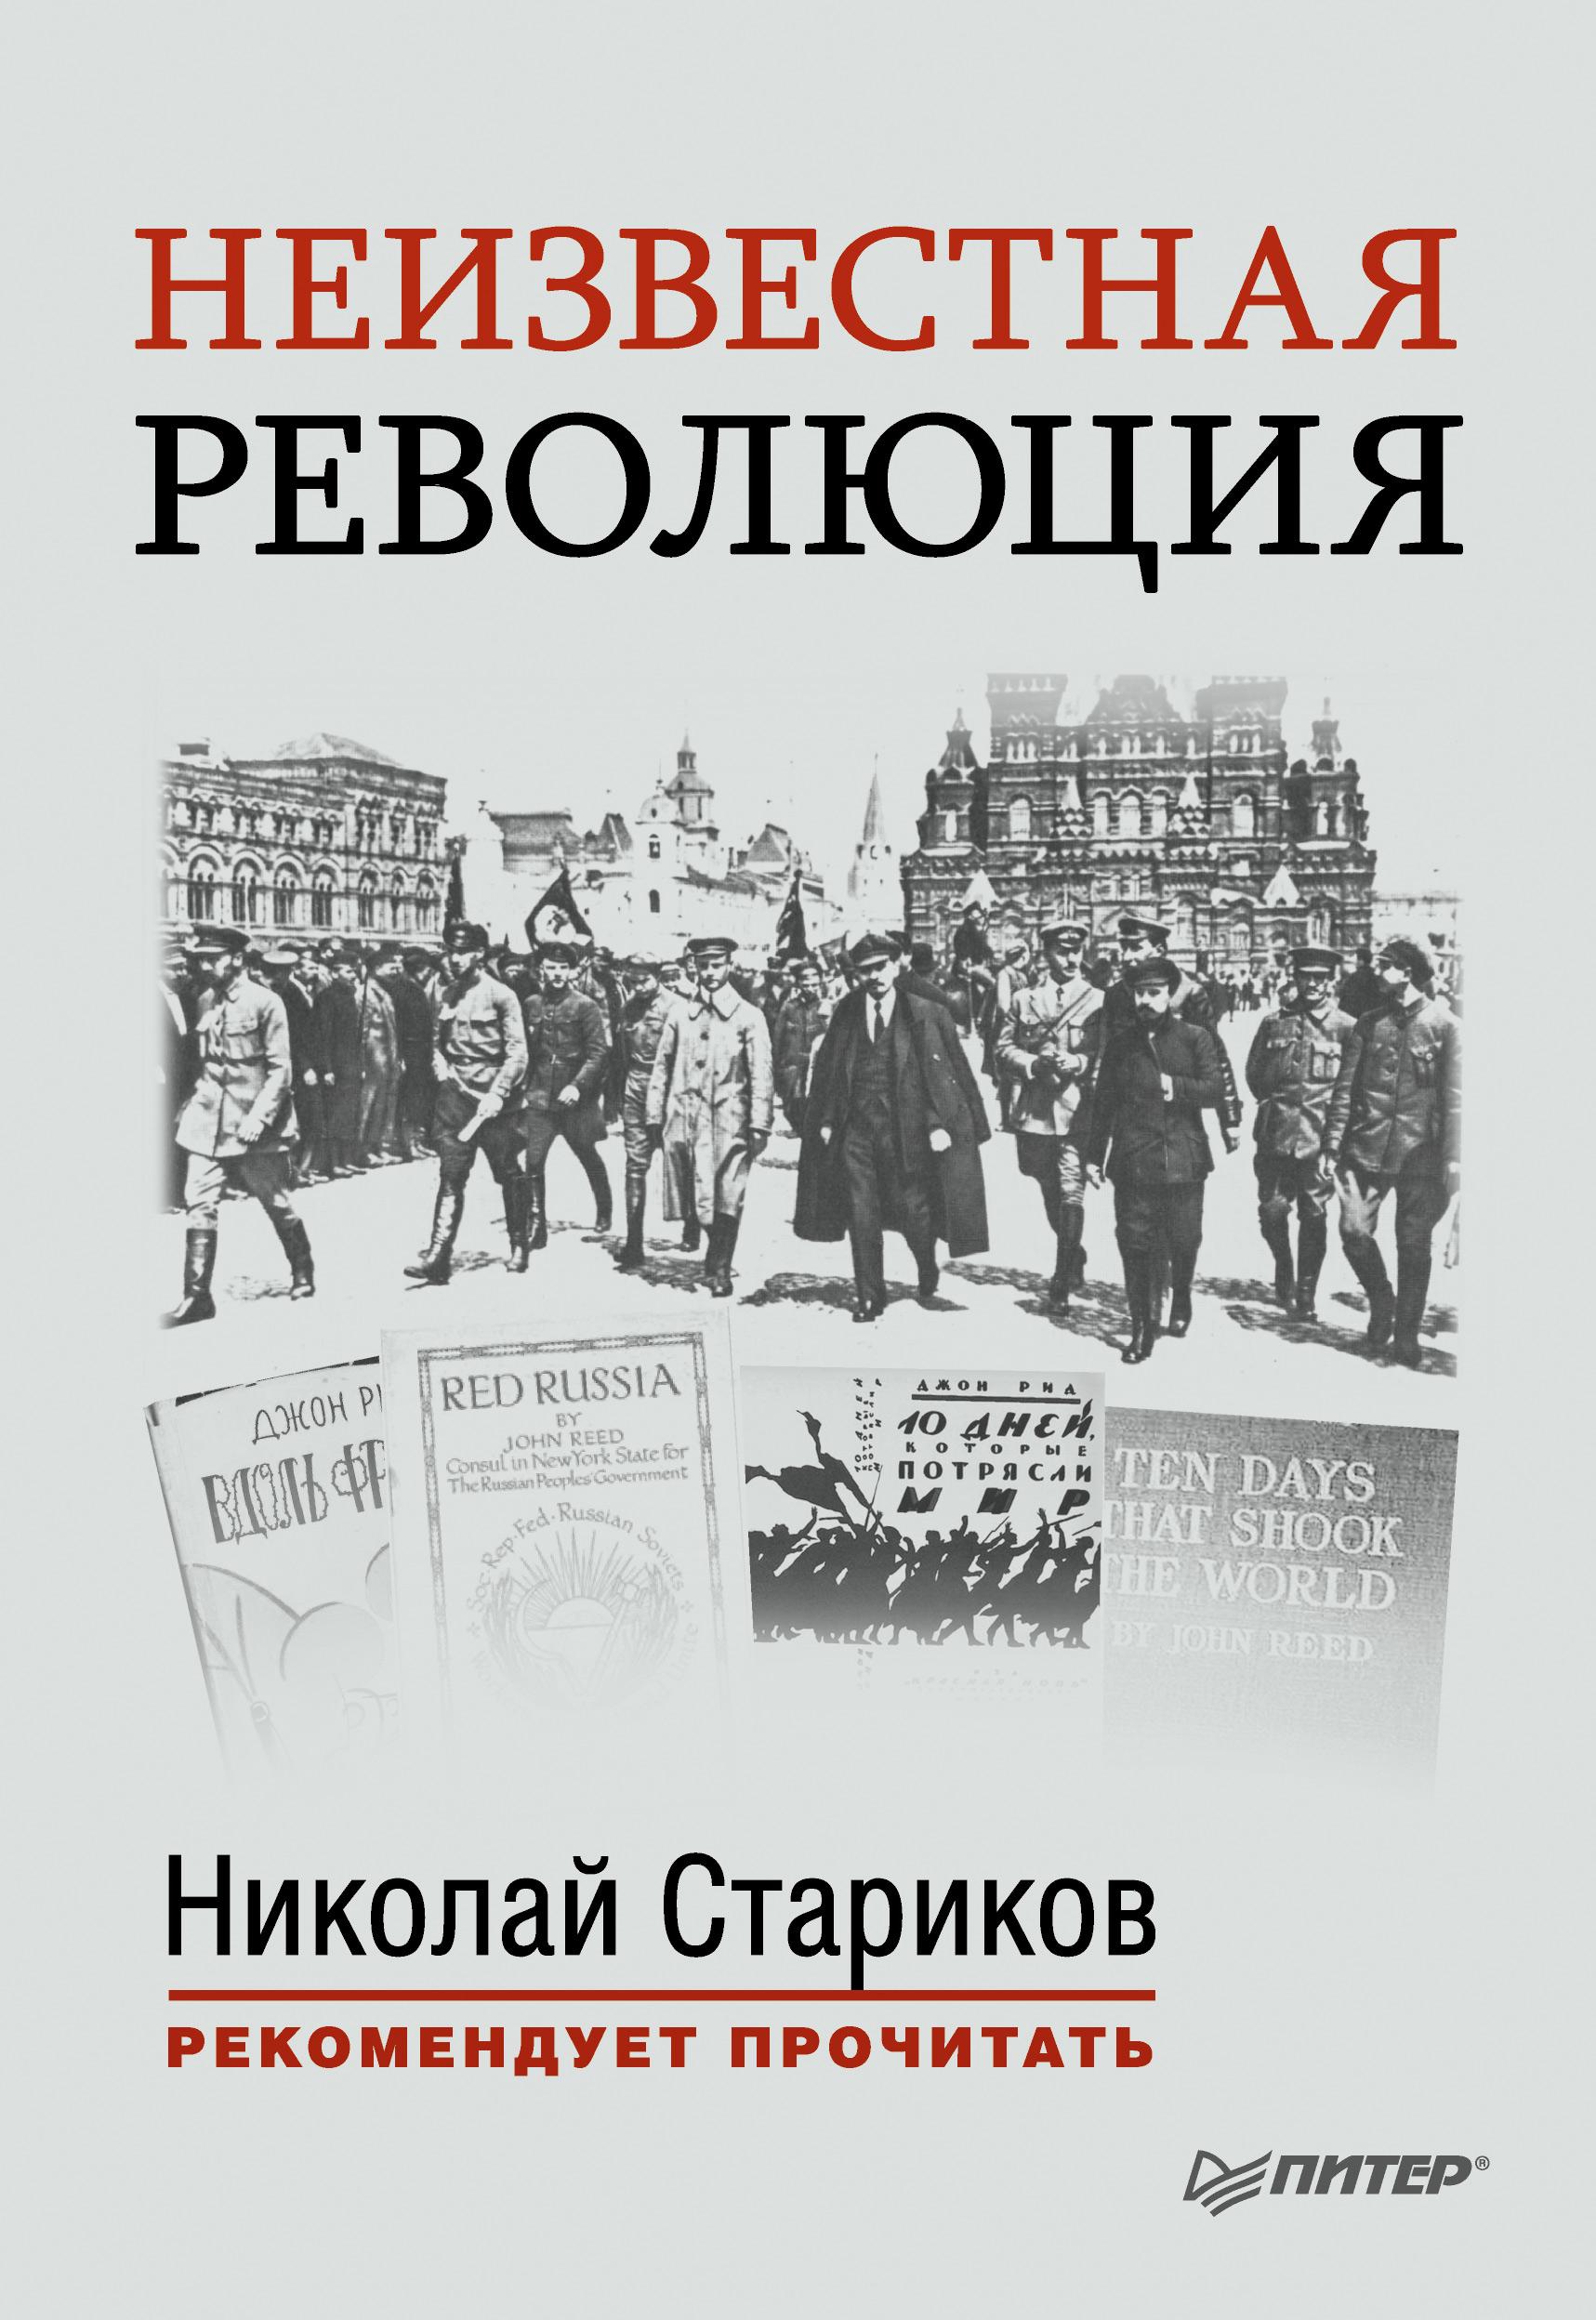 Джон Рид Неизвестная революция. Сборник произведений Джона Рида джон рид вдоль фронта